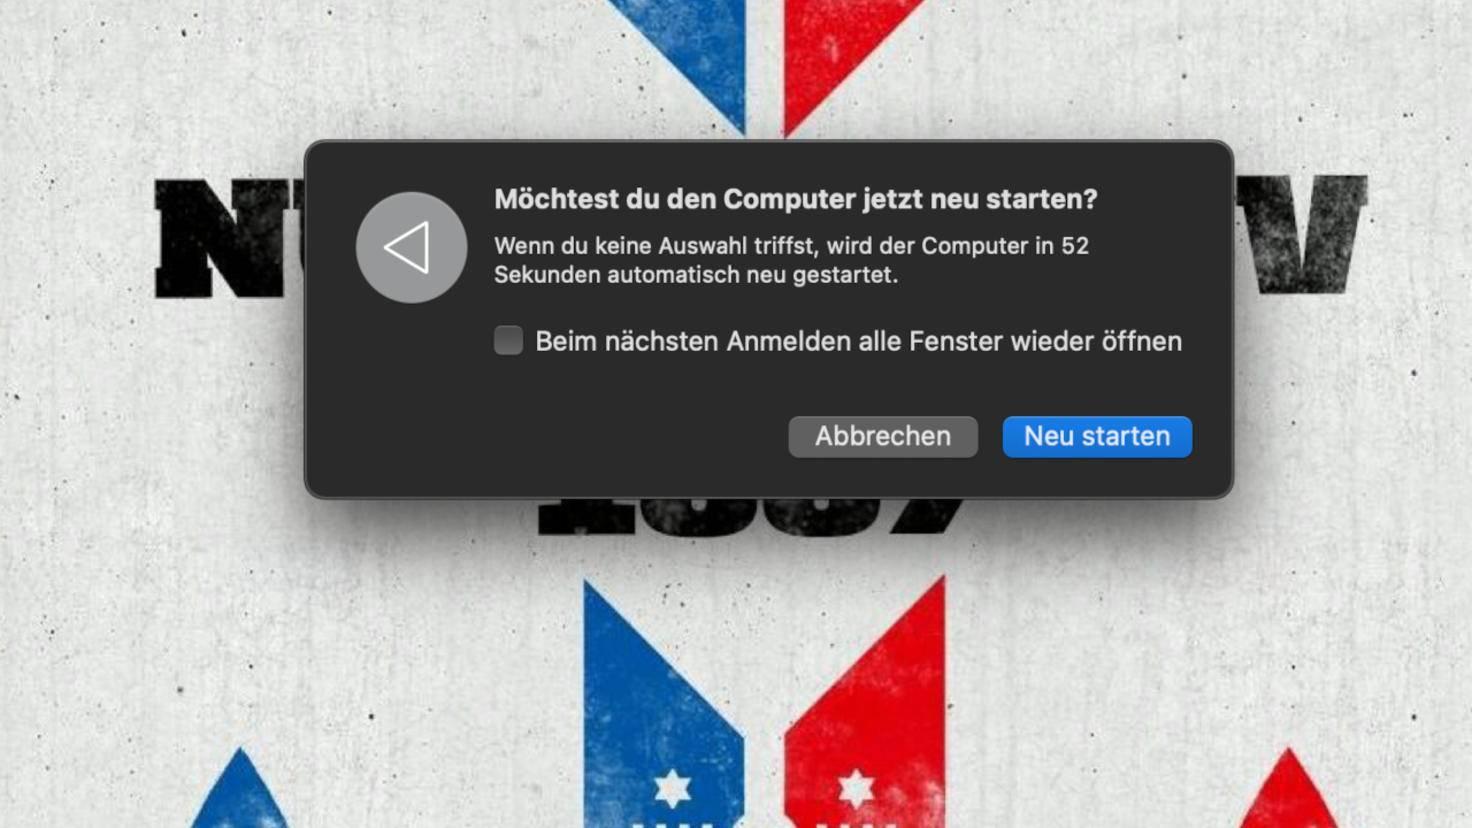 macOS restart